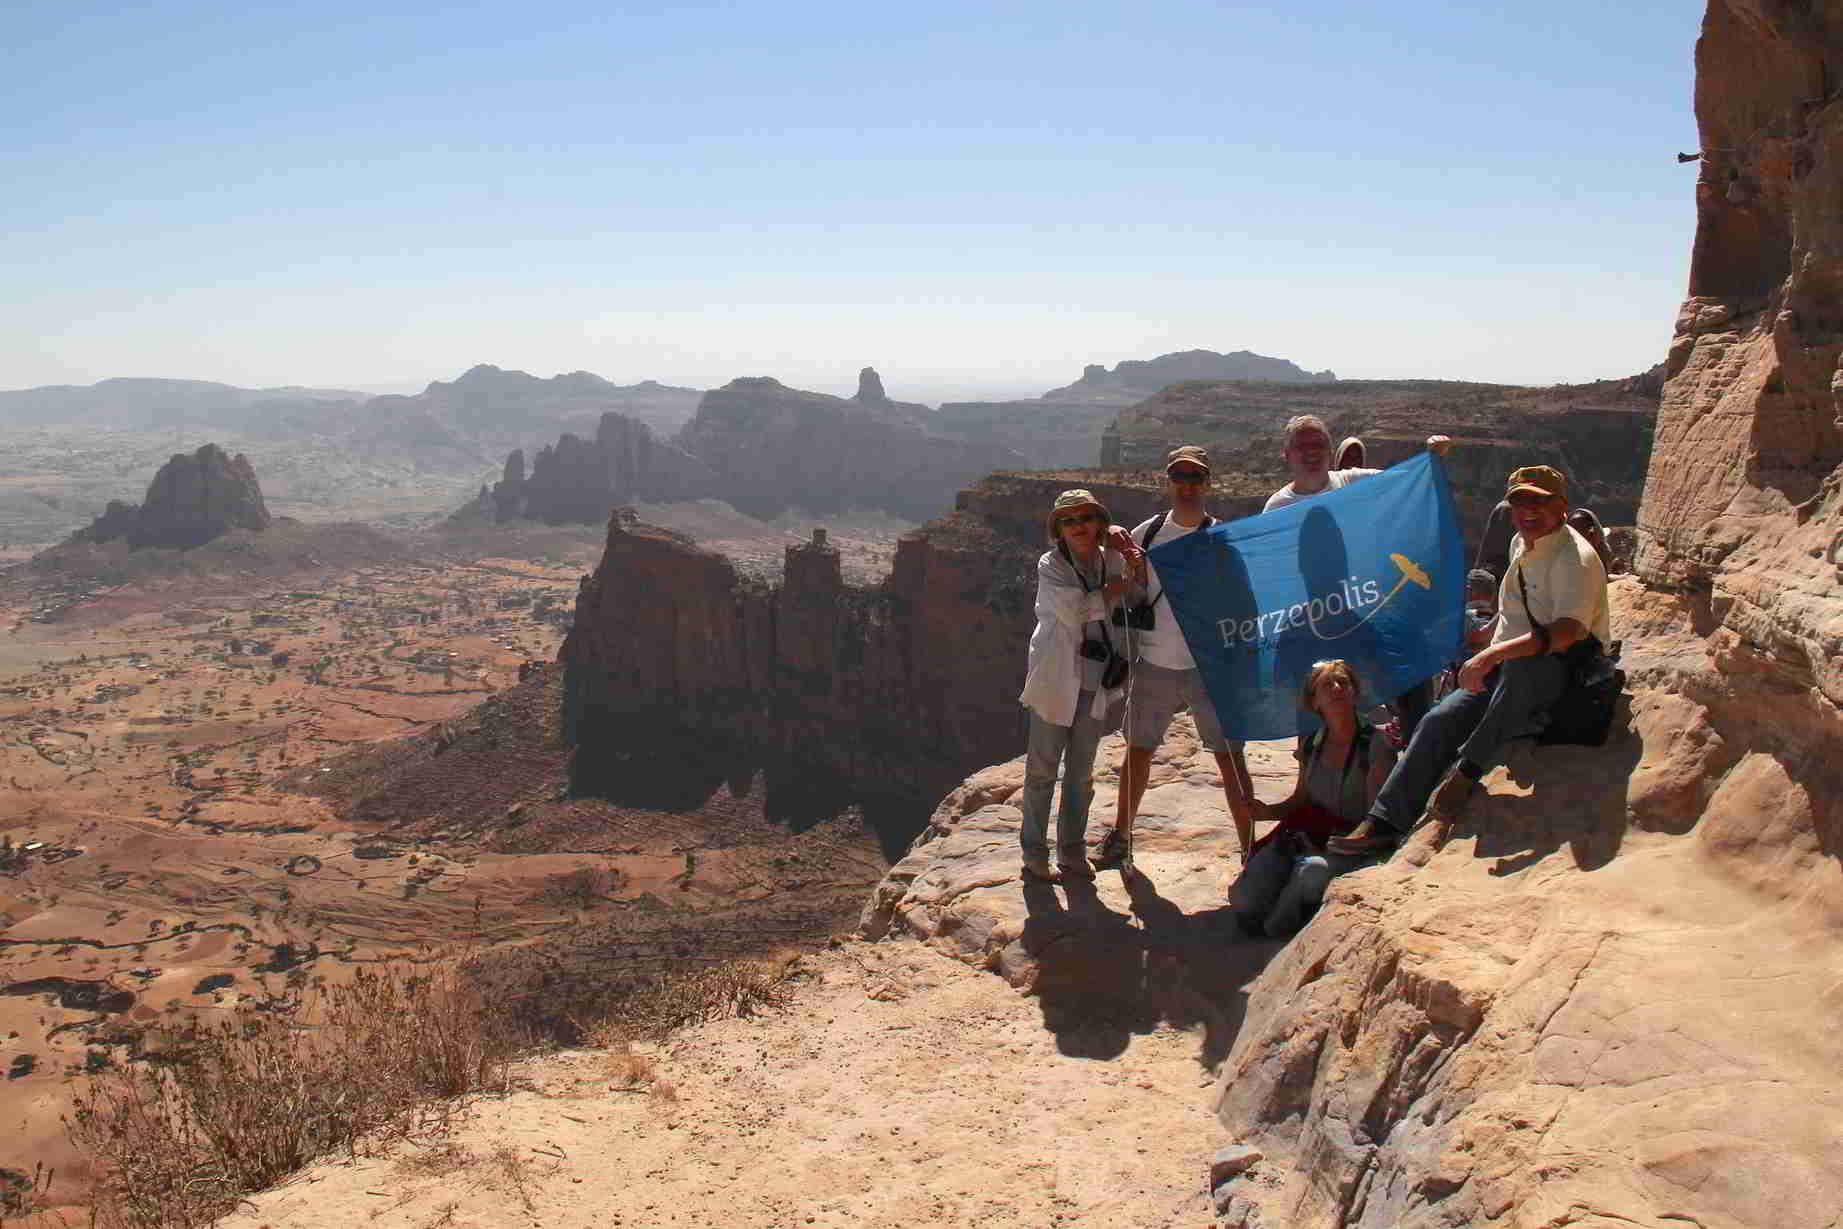 Putovanje-Etiopija-Povijesni-krug-i-plemena-doline-rijeke-Omo (16)